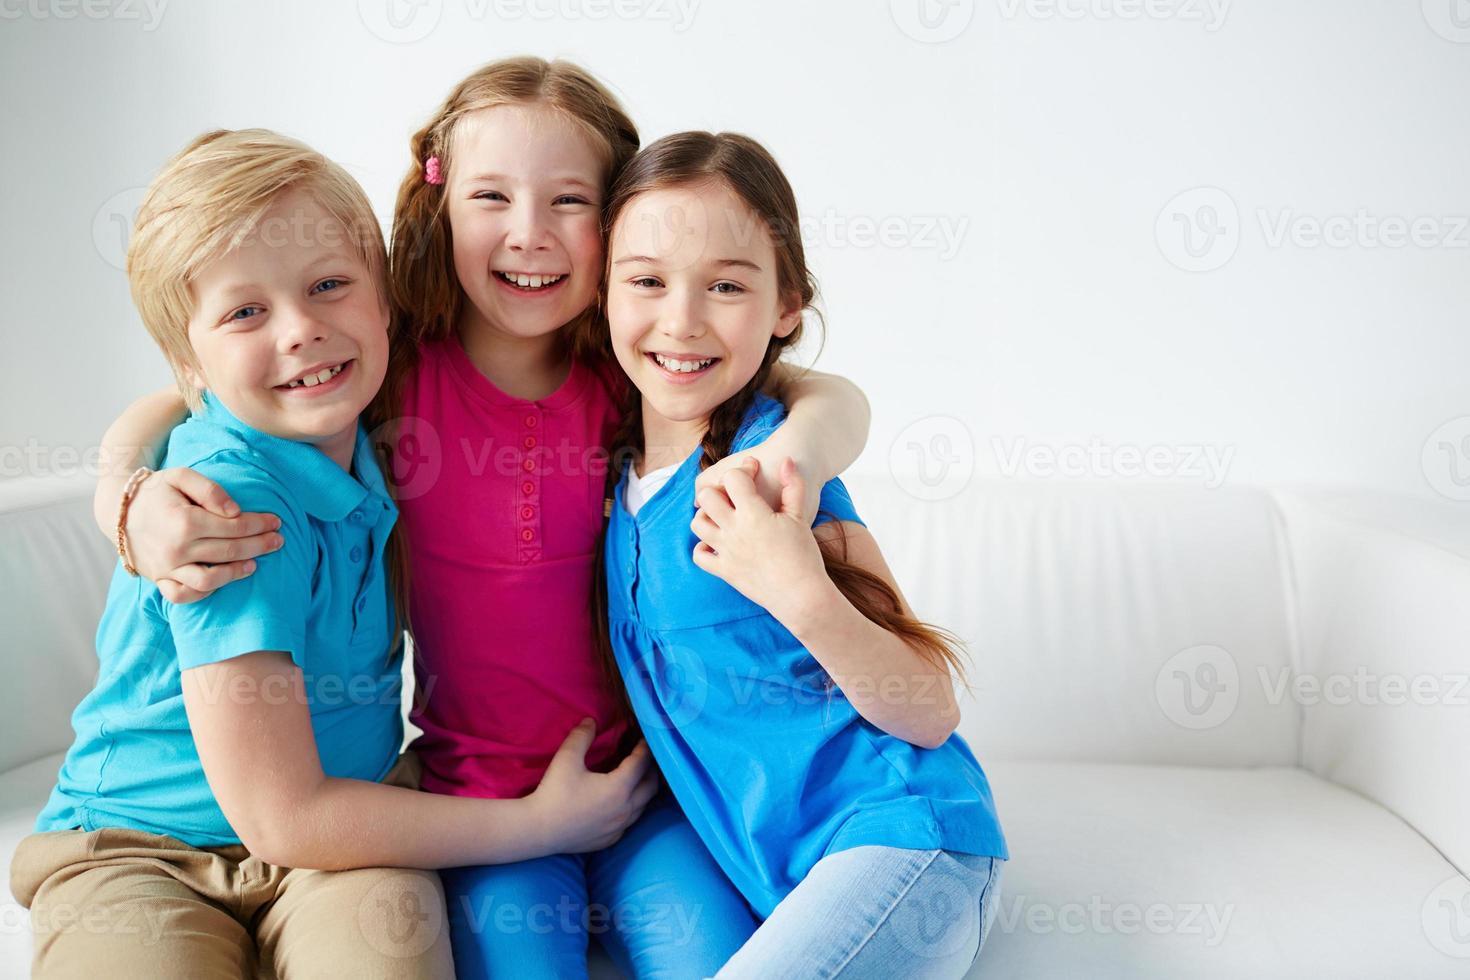 vrolijke kinderen foto